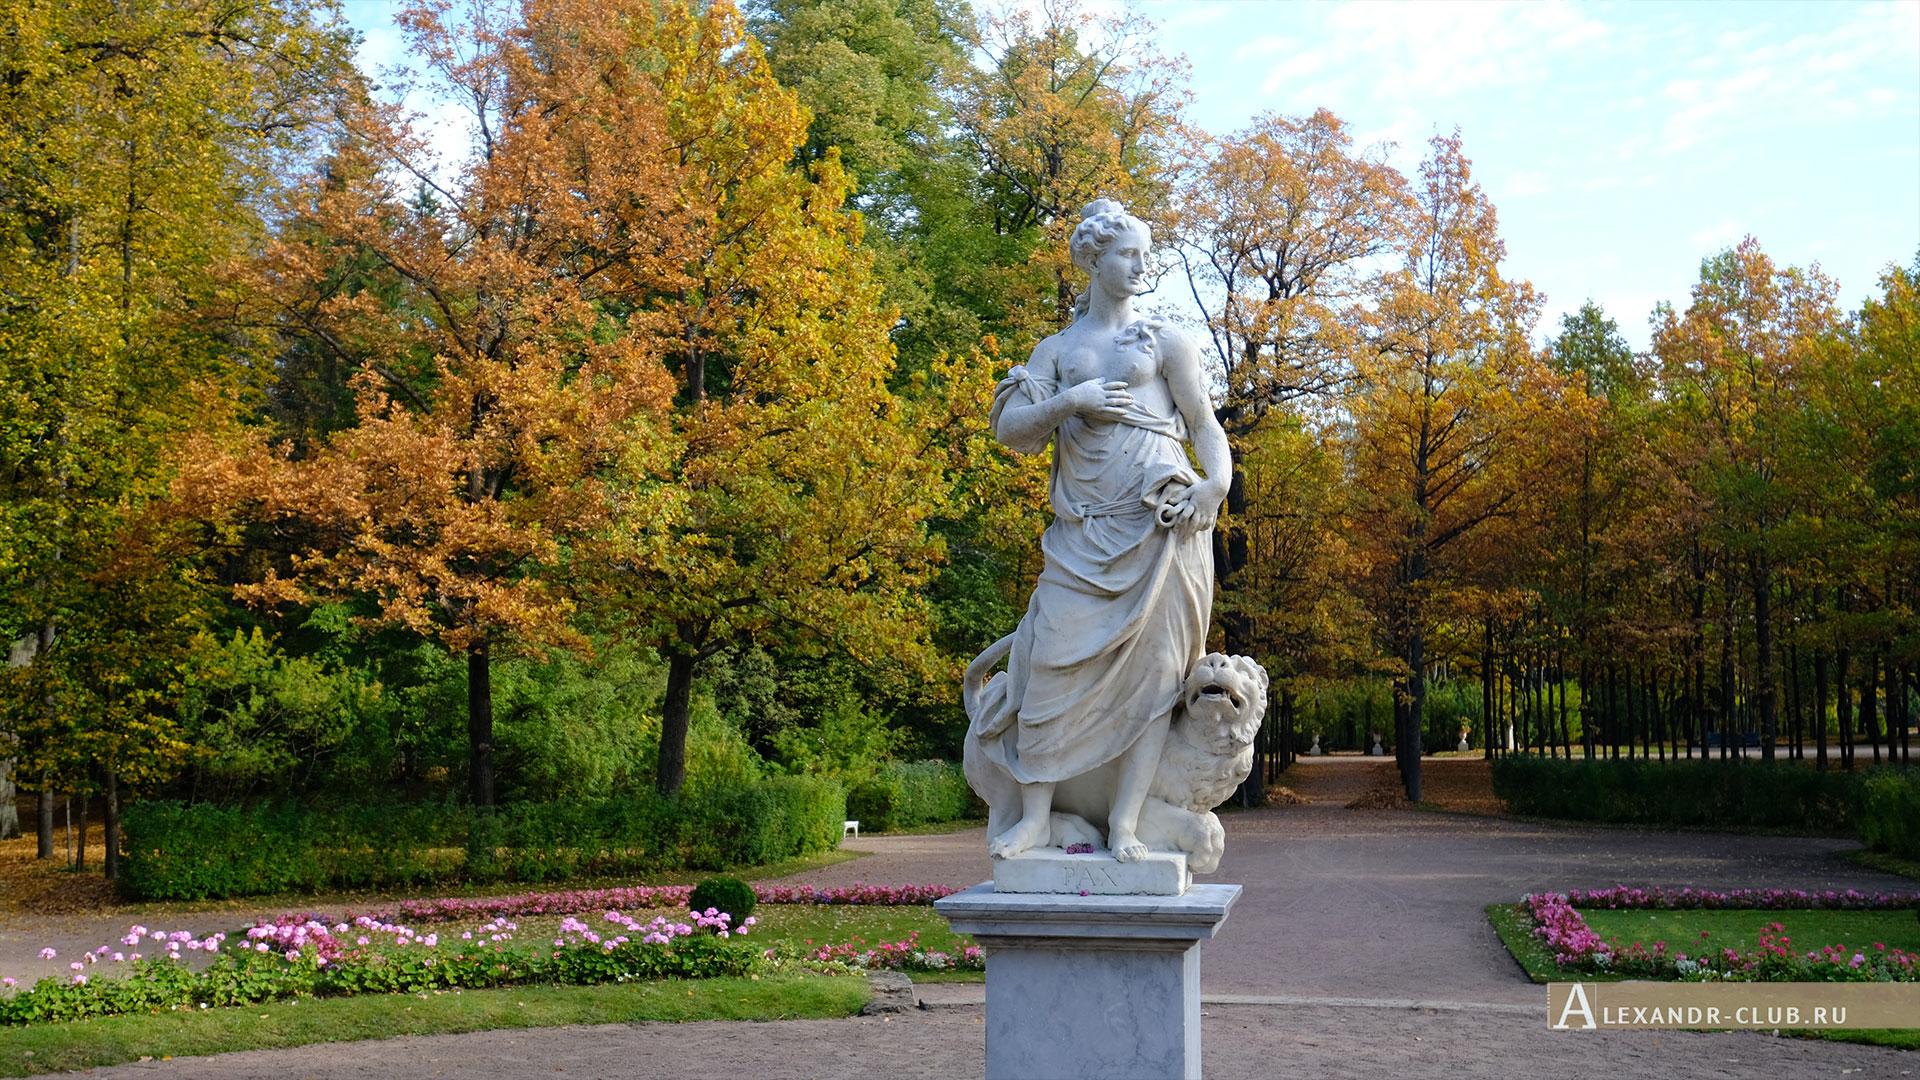 Павловск, осень, Павловский парк, Большие круги, скульптура «Мир»